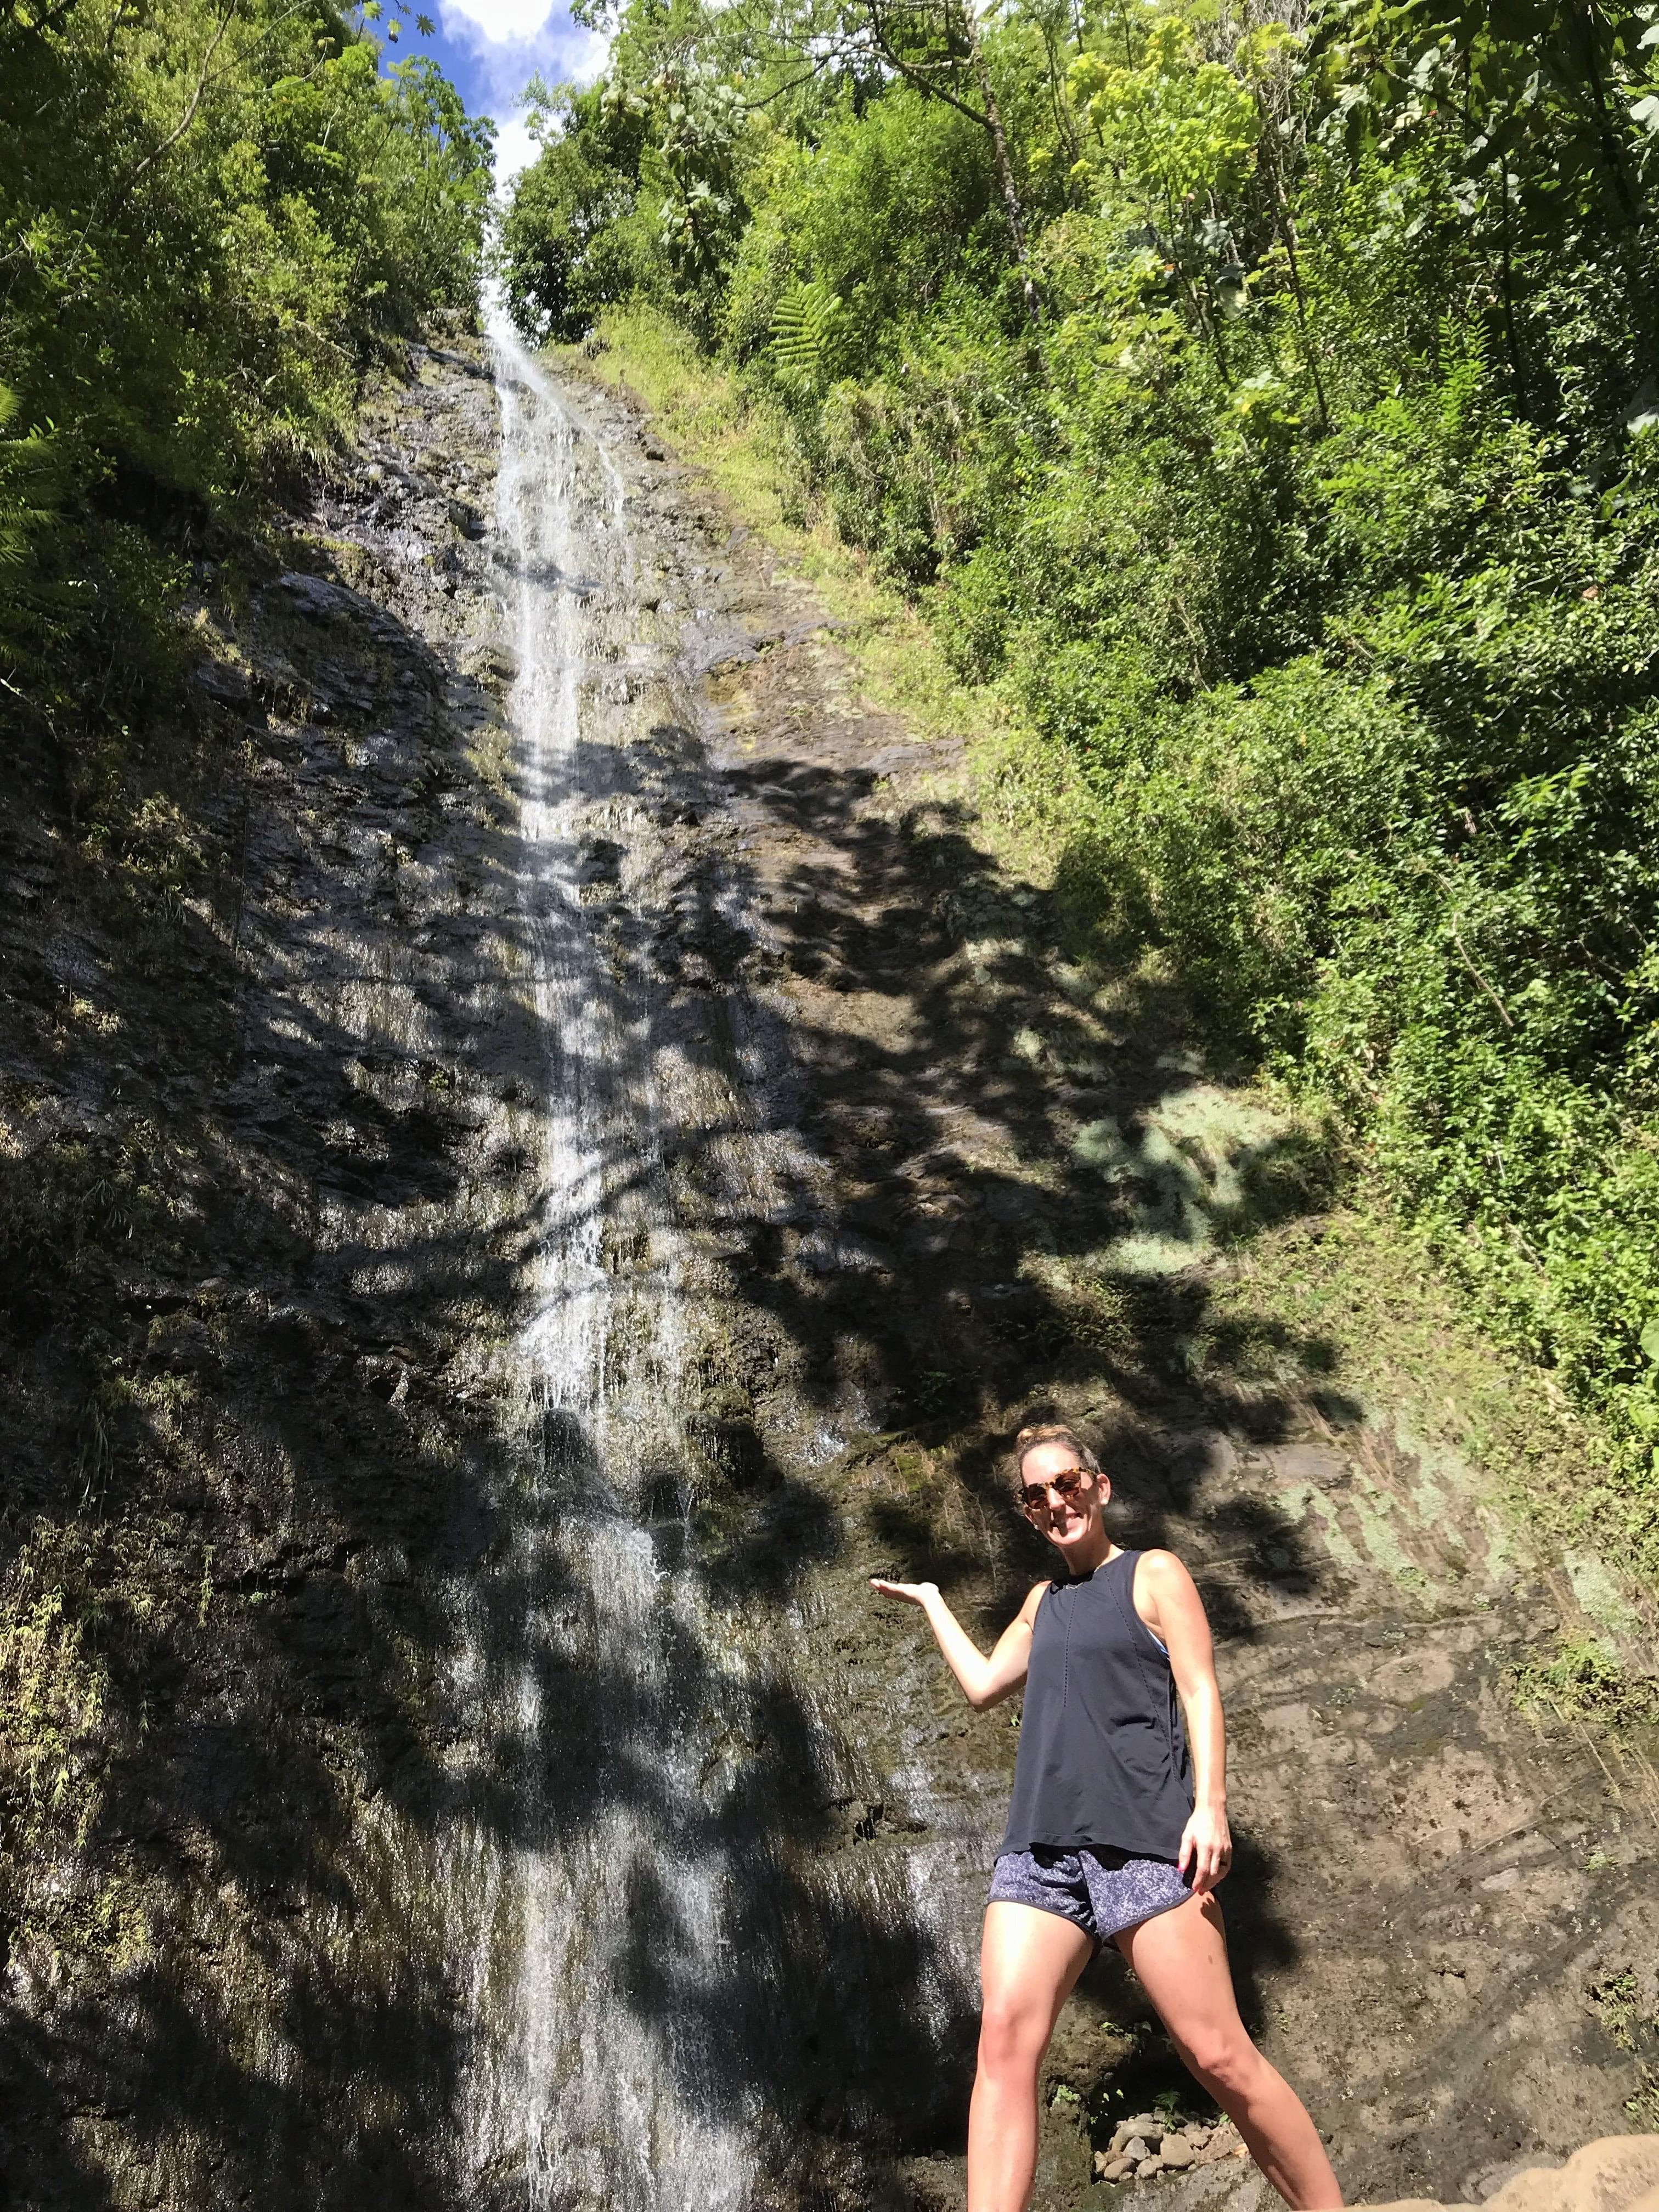 Hiking In Hawaii: Manoa Falls - Manoa Falls Hike - Is Manoa Falls Easy - Manoa Falls Kid Friendly - Manoa Falls Oahu - Manoa Falls Hours - Manoa Falls Trail Oahu - Manoa Falls Hike - Oahu Hikes - Best Oahu Hikes - Short Oahu Hikes - Easy Hawaii Hikes - #oahu #manoafalls #hawaii #hiking